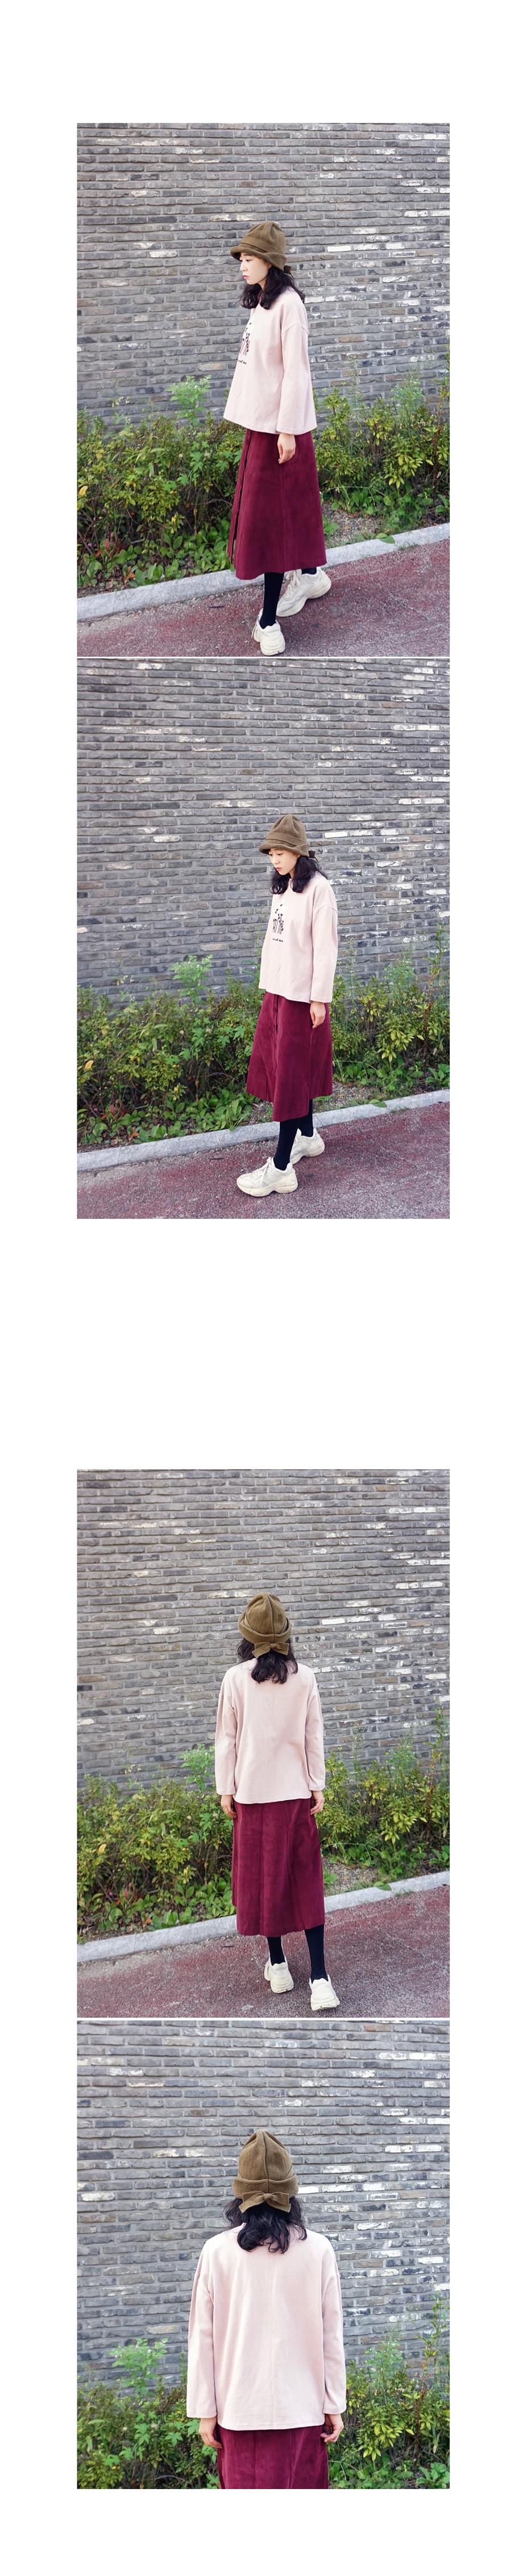 루즈핏 피치면 플라워자수 긴팔티셔츠 - 앞머리, 28,500원, 상의, 긴팔티셔츠